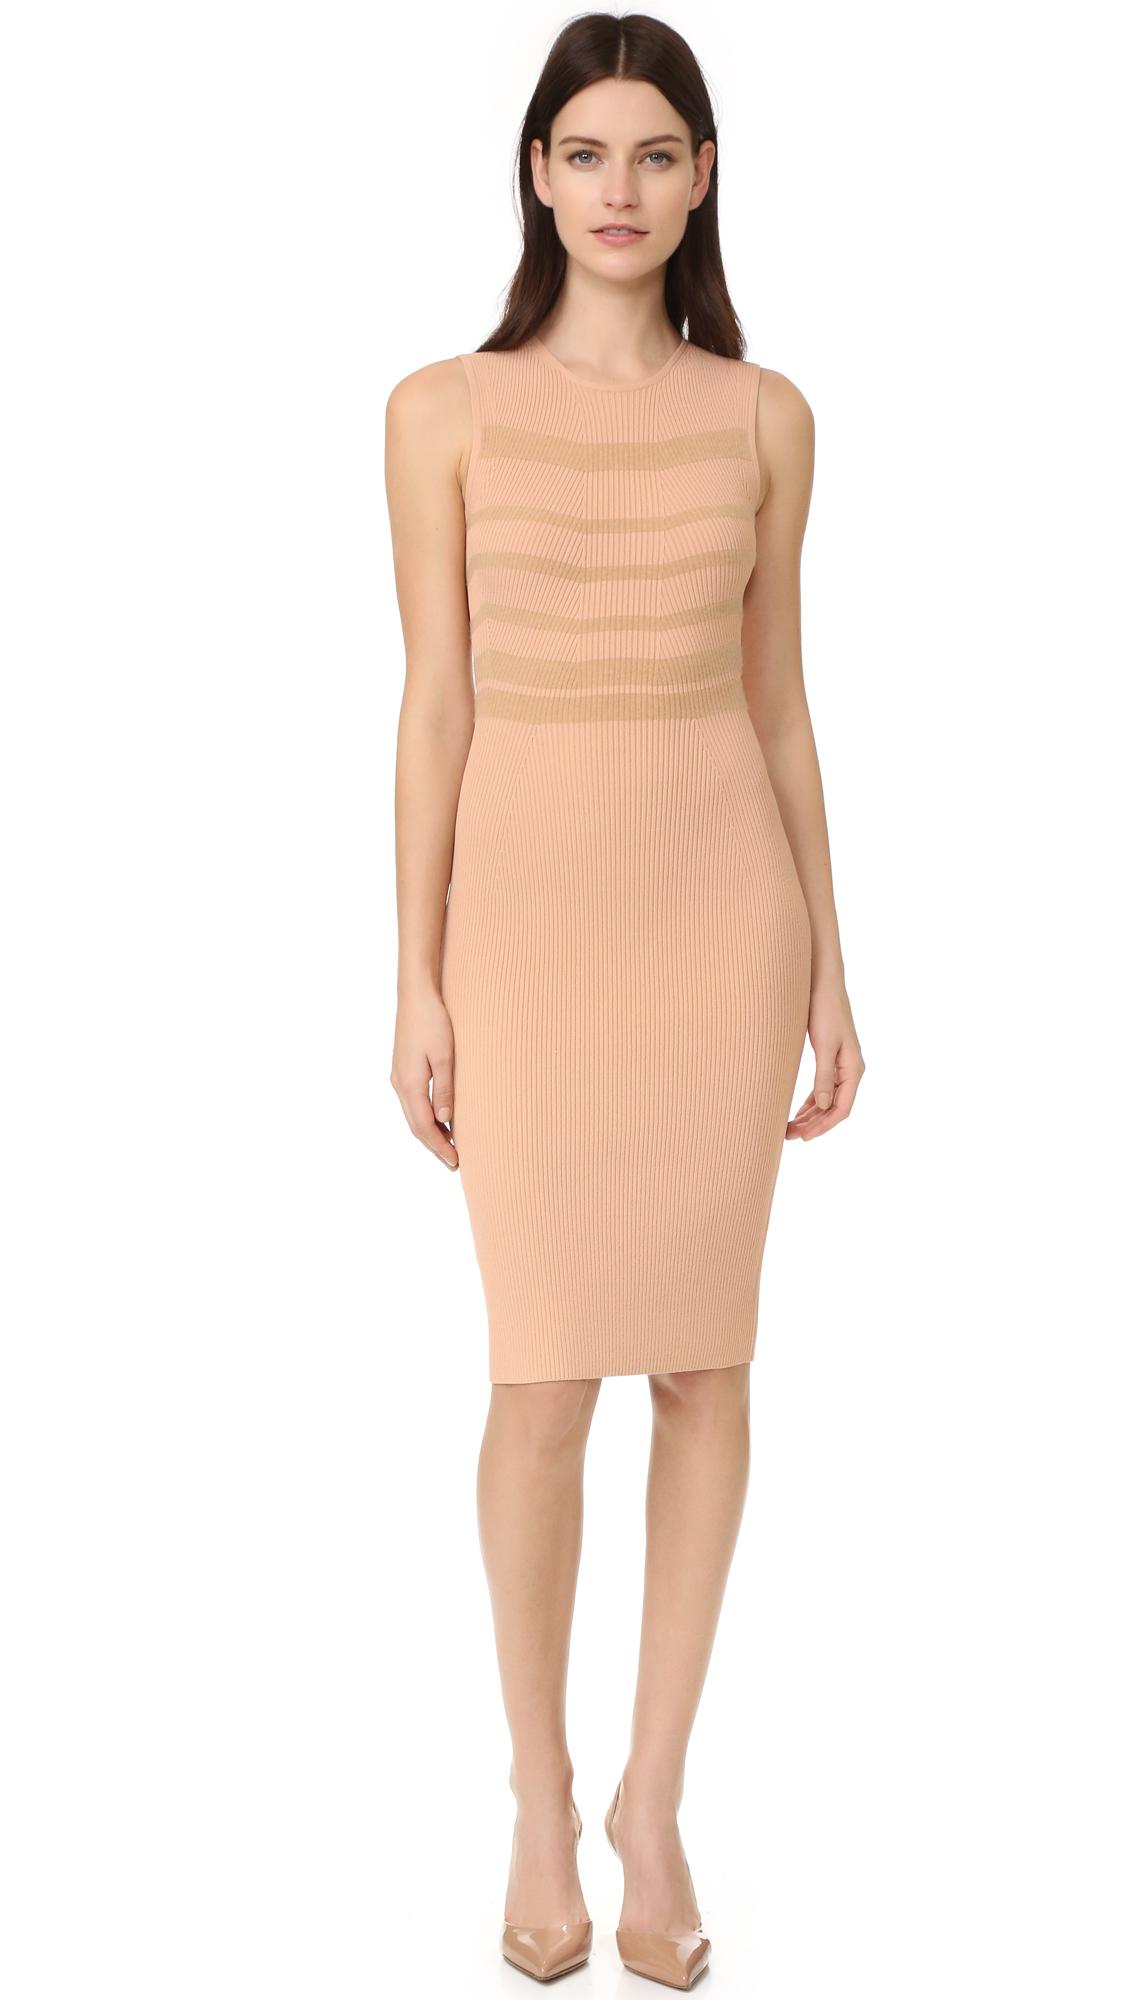 Narciso Rodriguez Sleeveless Dress - Nude/Camel